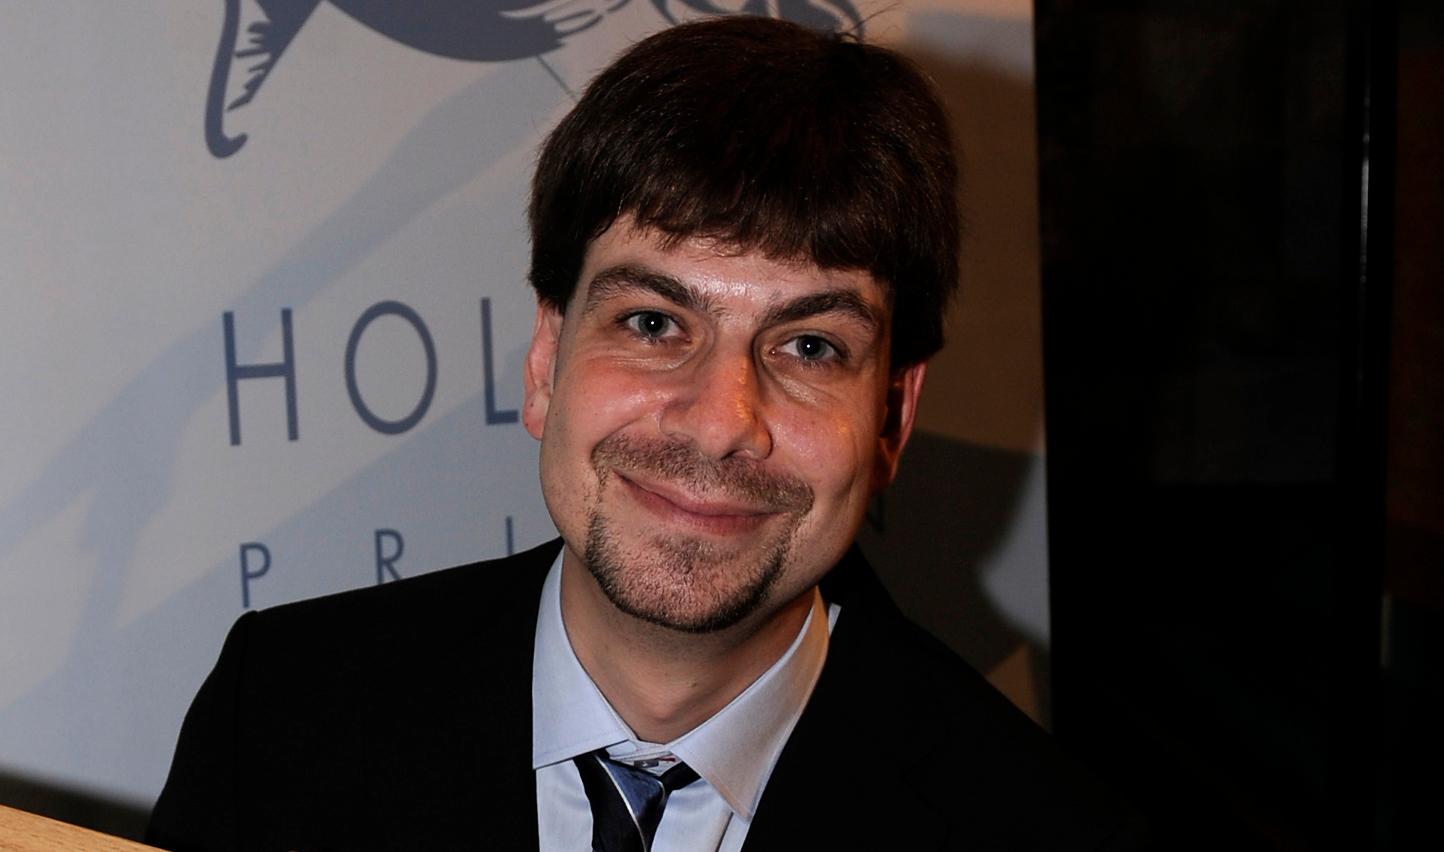 David Bloch